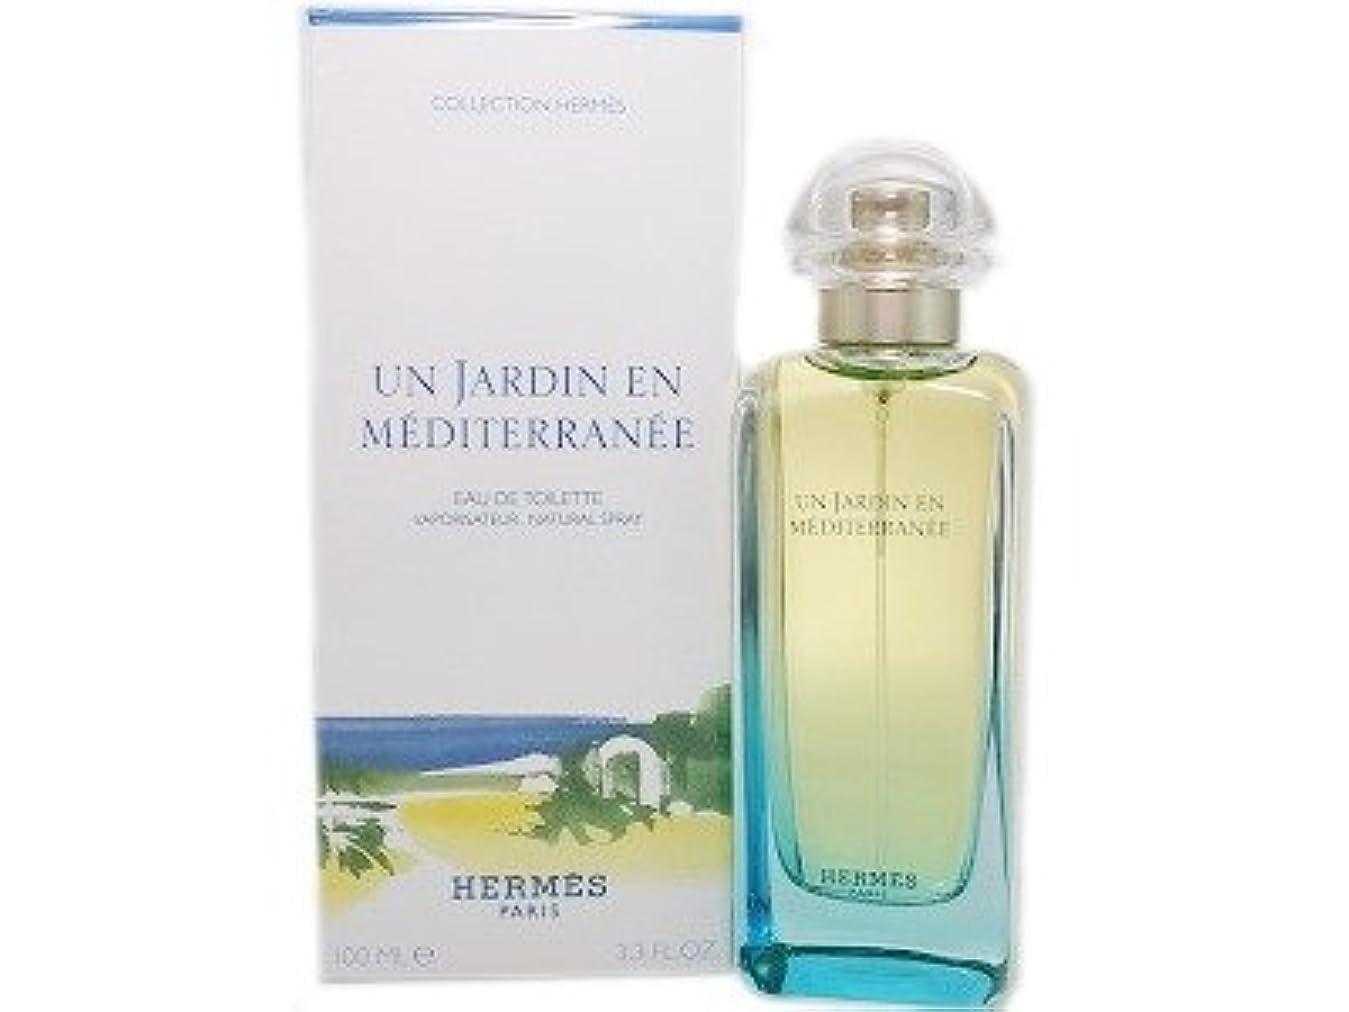 インディカ鮫眠いですHERMES エルメス 地中海の庭 オードトワレ 100ml EDT (並行輸入品)